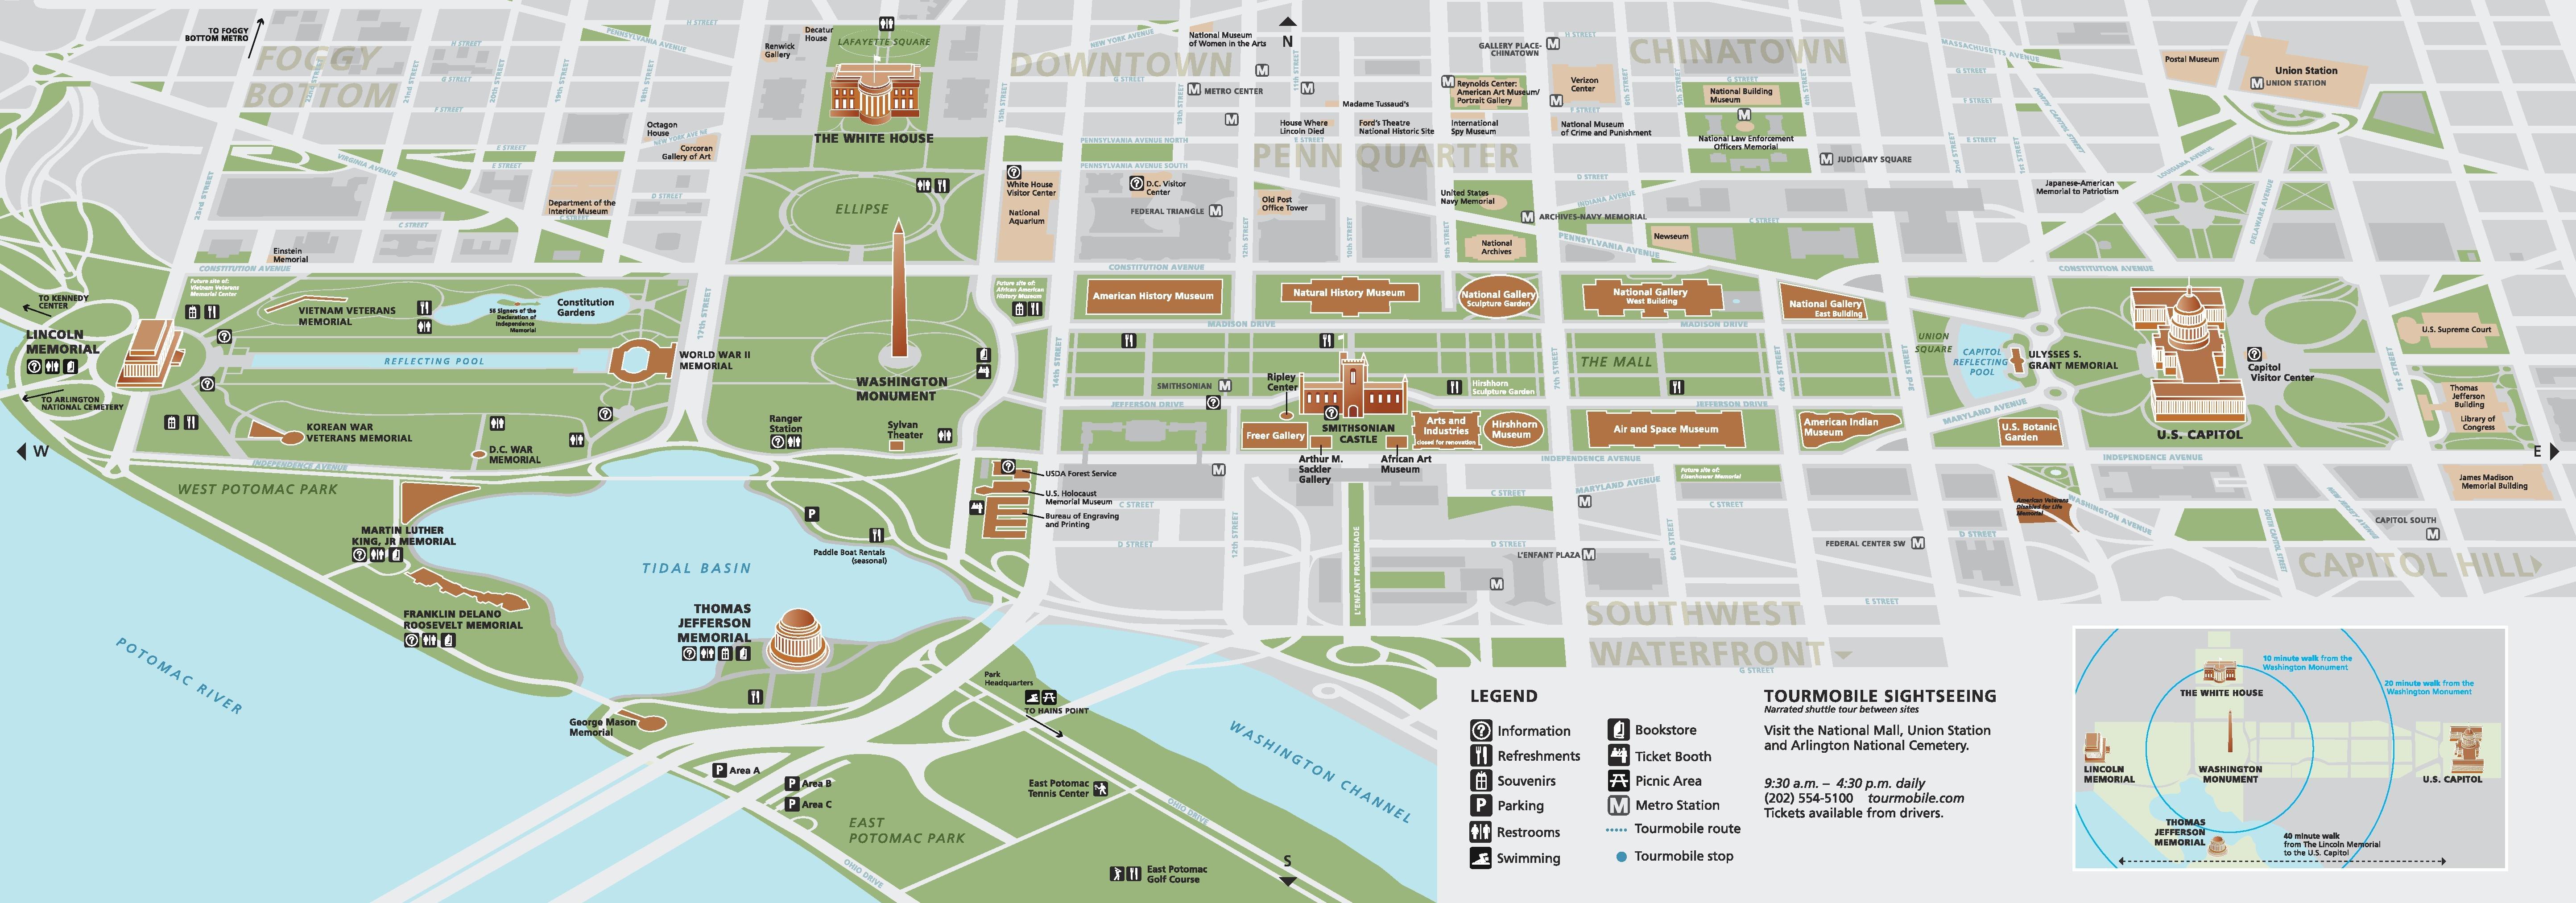 filenps nationalmalldmappdf. filenps nationalmalldmappdf  wikimedia commons